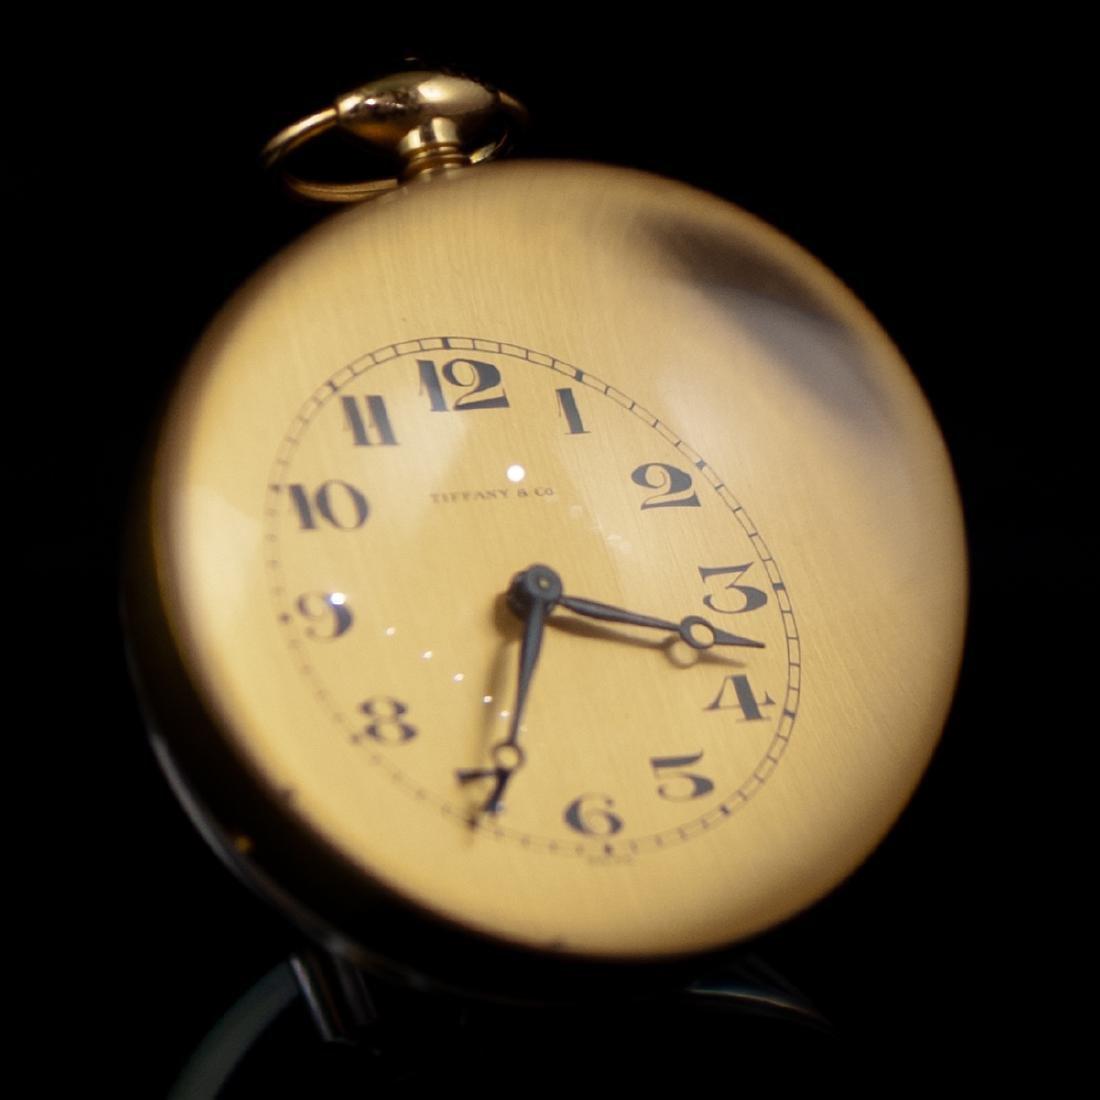 Tiffany & Co. Acrylic Table Clock